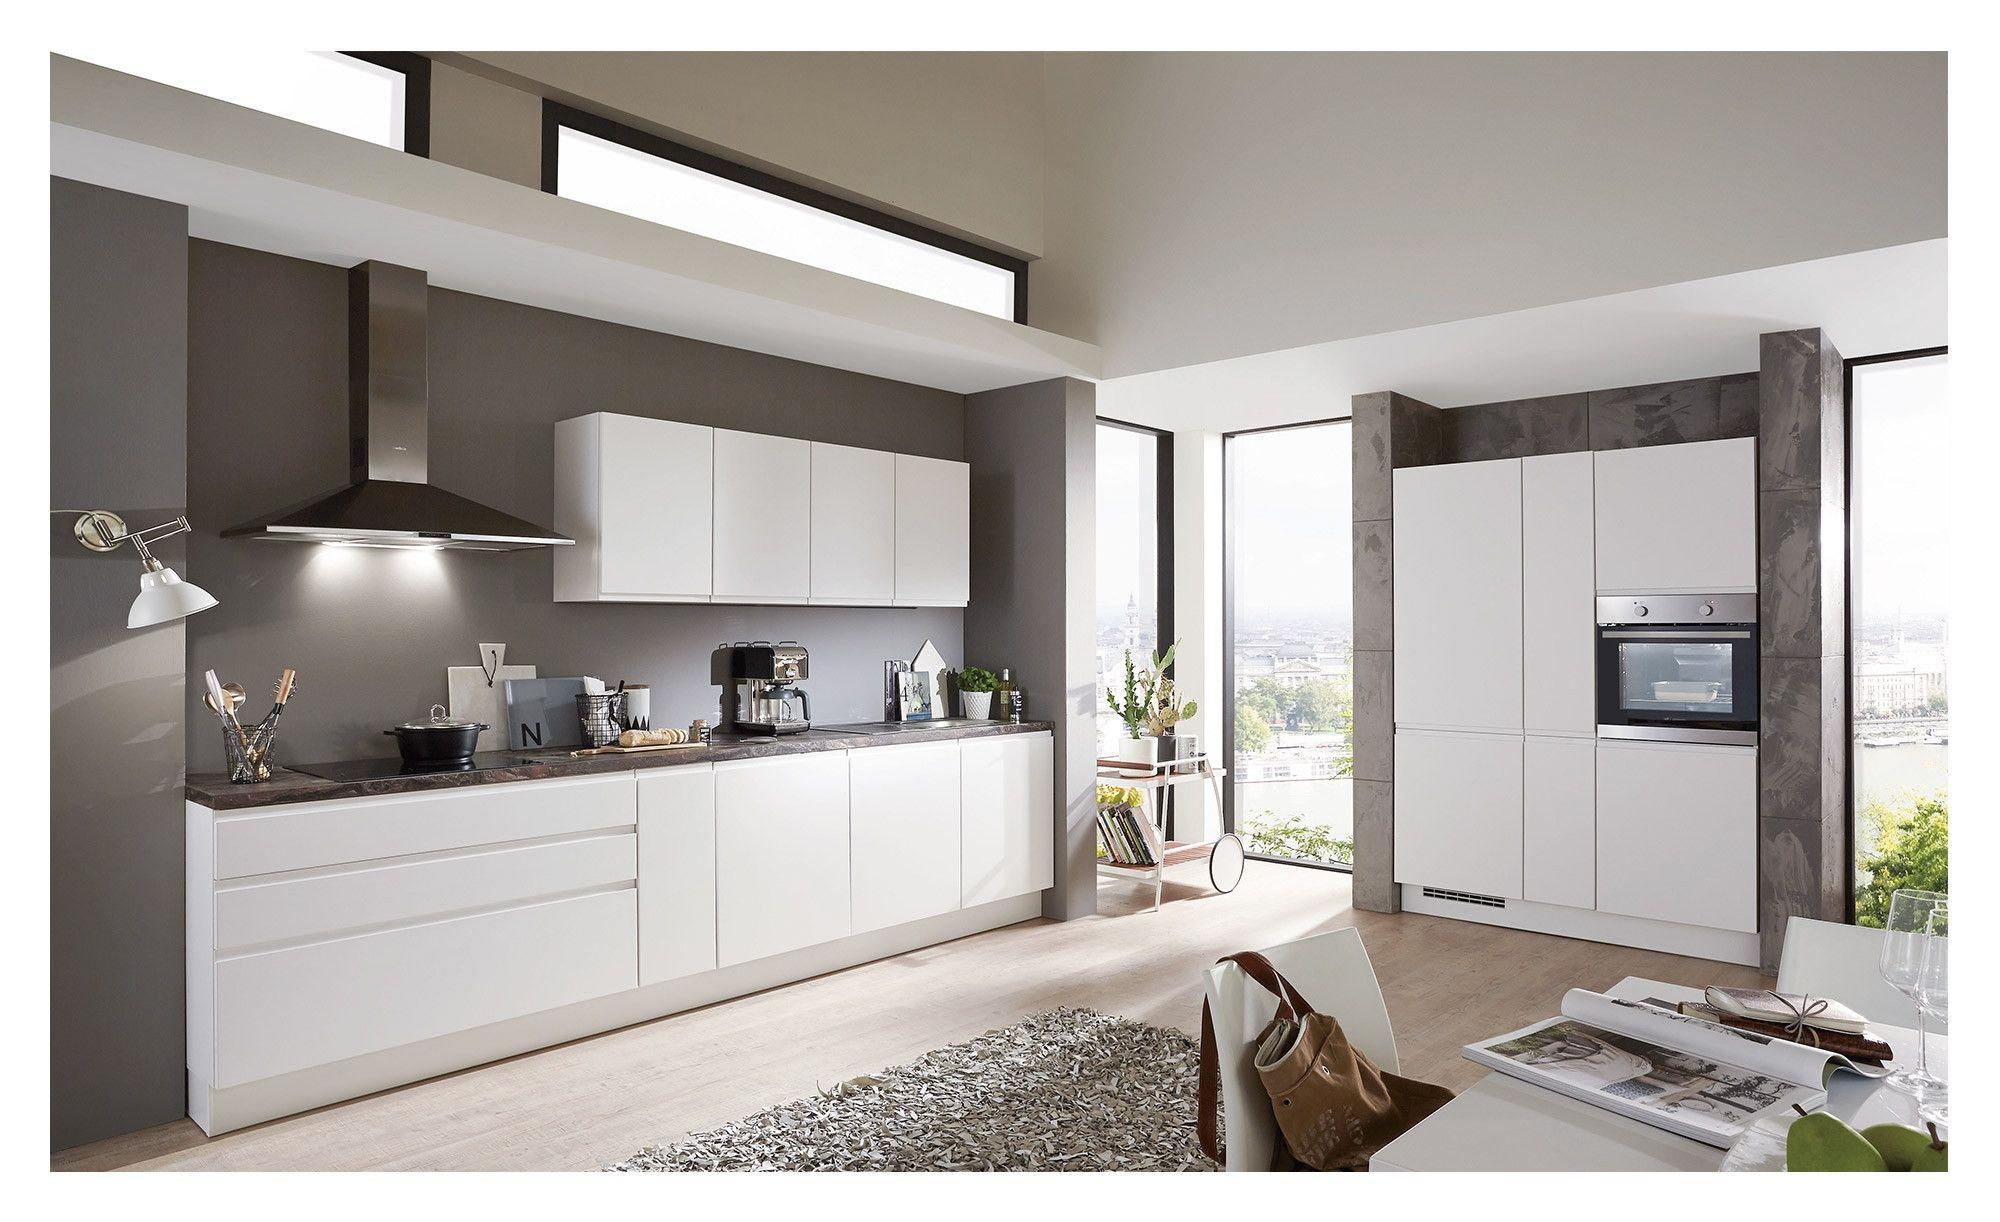 Nobilia Küche – bei Möbel Heinrich kaufen!  Nobilia küchen